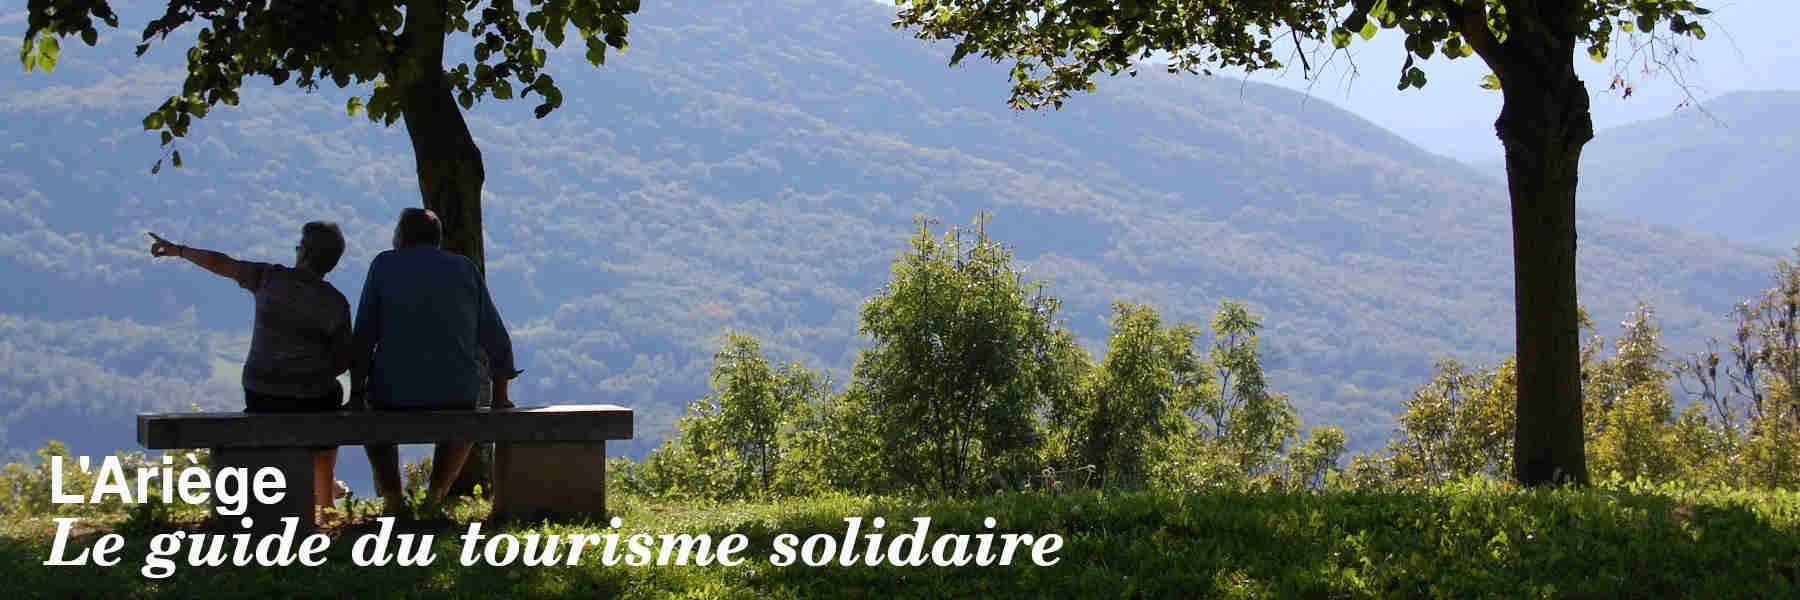 Le guide du tourisme solidaire de l'Ariège